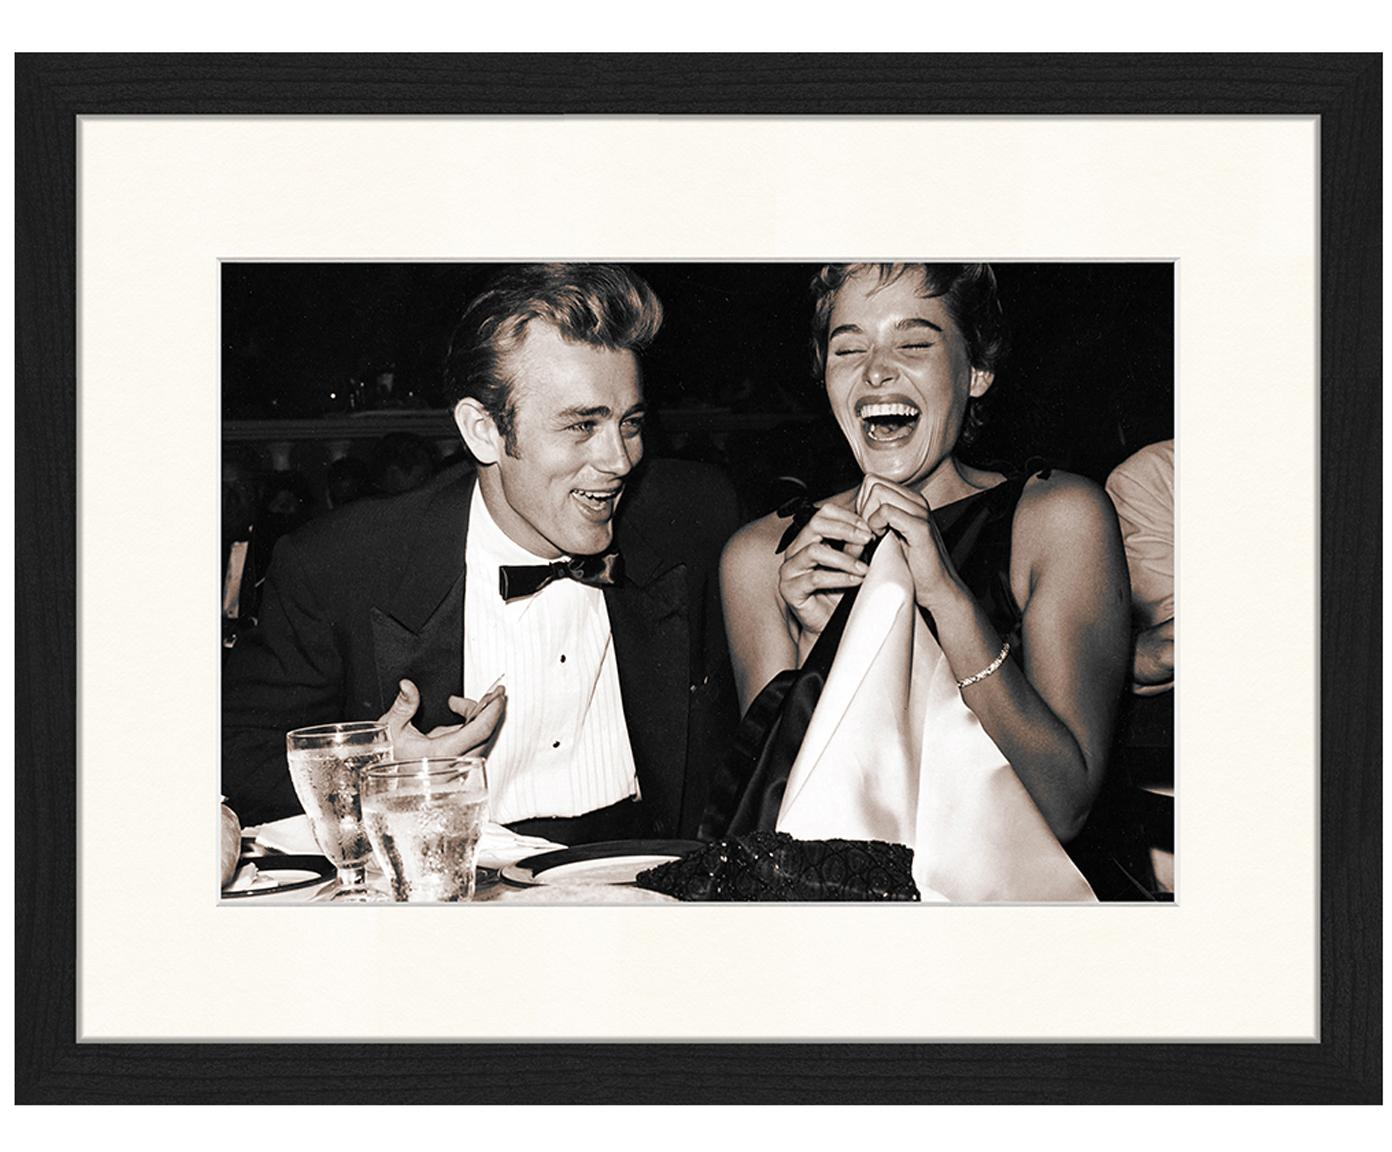 Oprawiony druk cyfrowy Ursula Andress i James Dean, 1955 Oscars, Stelaż: lakierowane drewno bukowe, Druk: sepia Stelaż: czarny, S 43 x W 33 cm